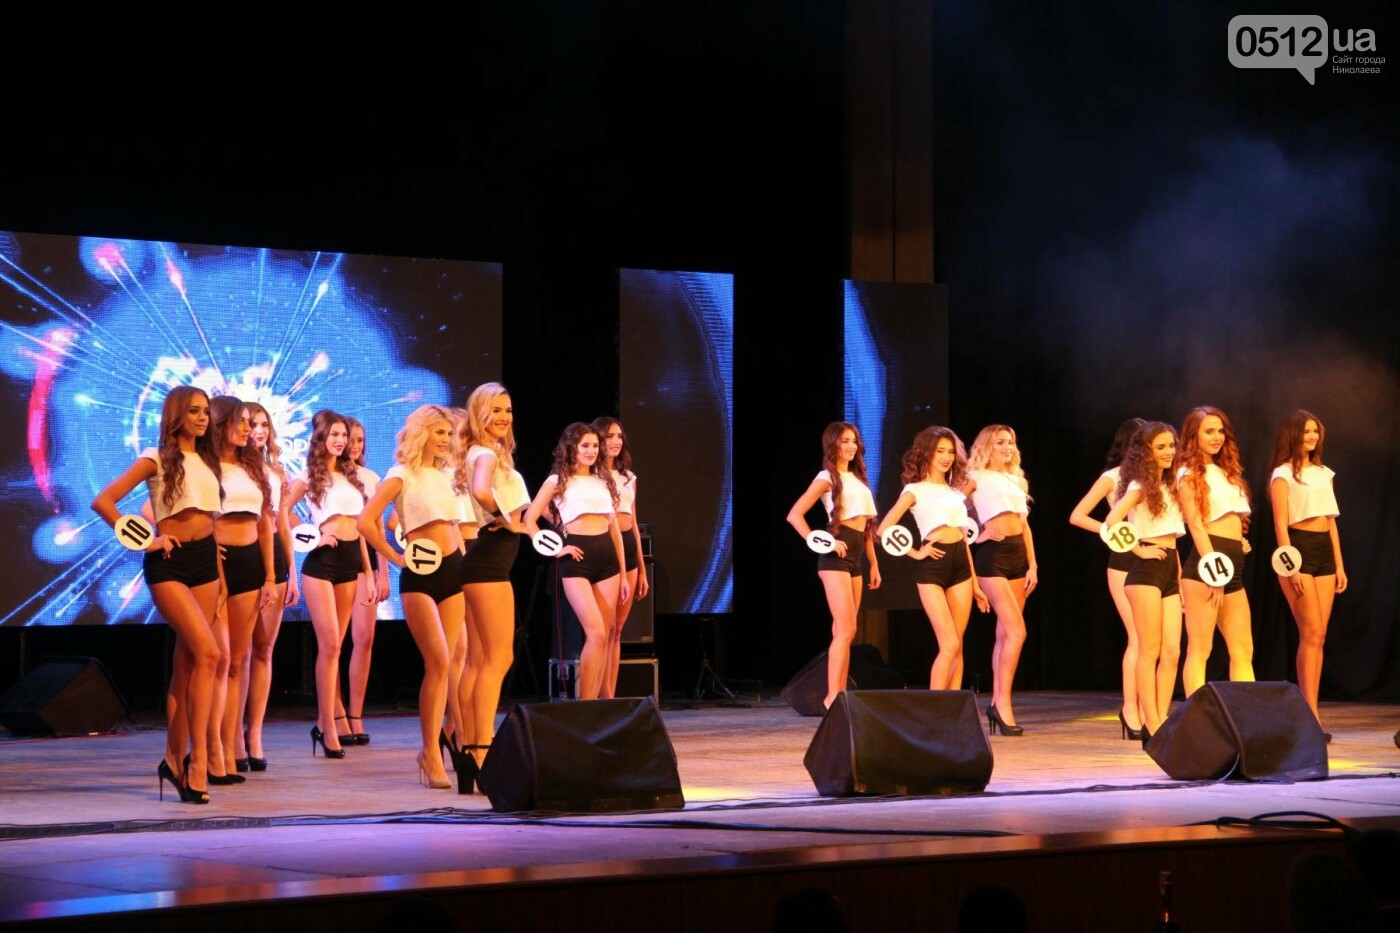 В Николаеве на конкурсе «Miss Top model Ukraine» выбрали самую красивую модель в Украине, - ФОТО, фото-8